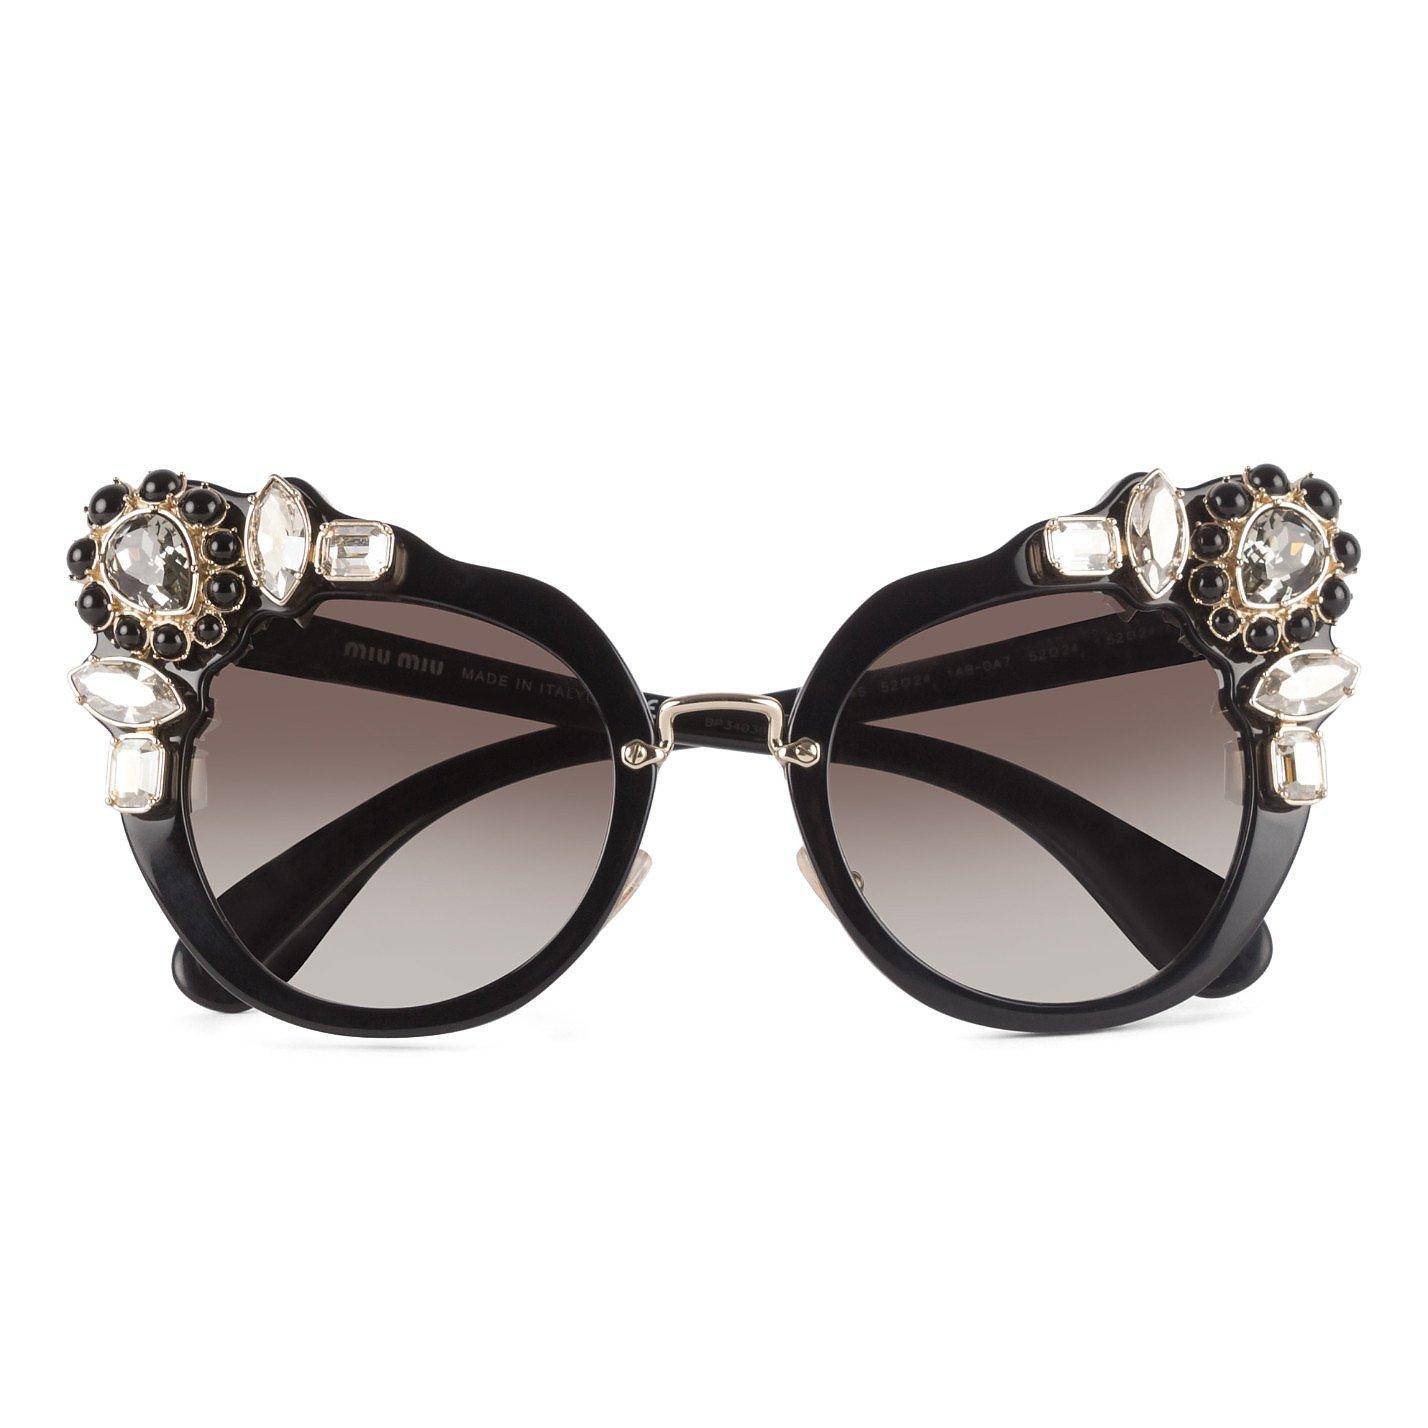 Miu Miu Jewelled Sunglasses